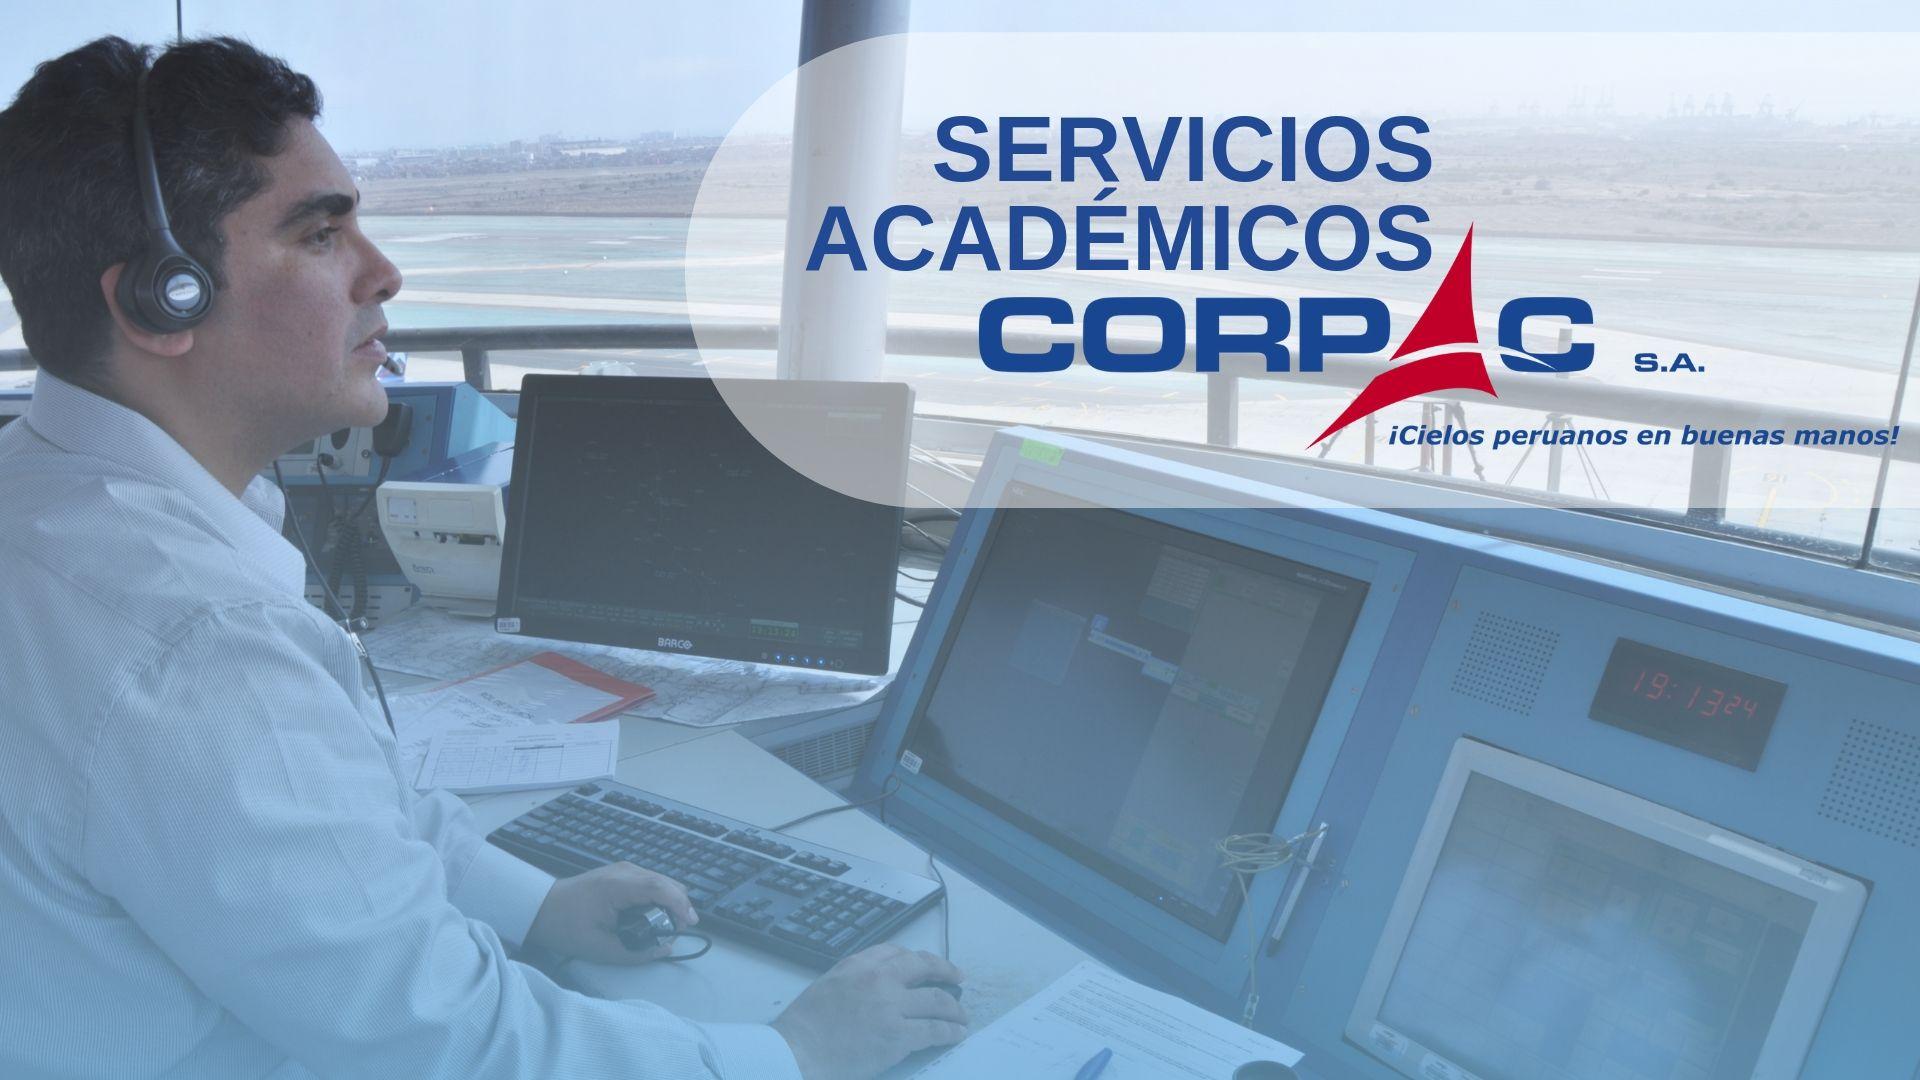 Servicios académicos CORPAC Perú